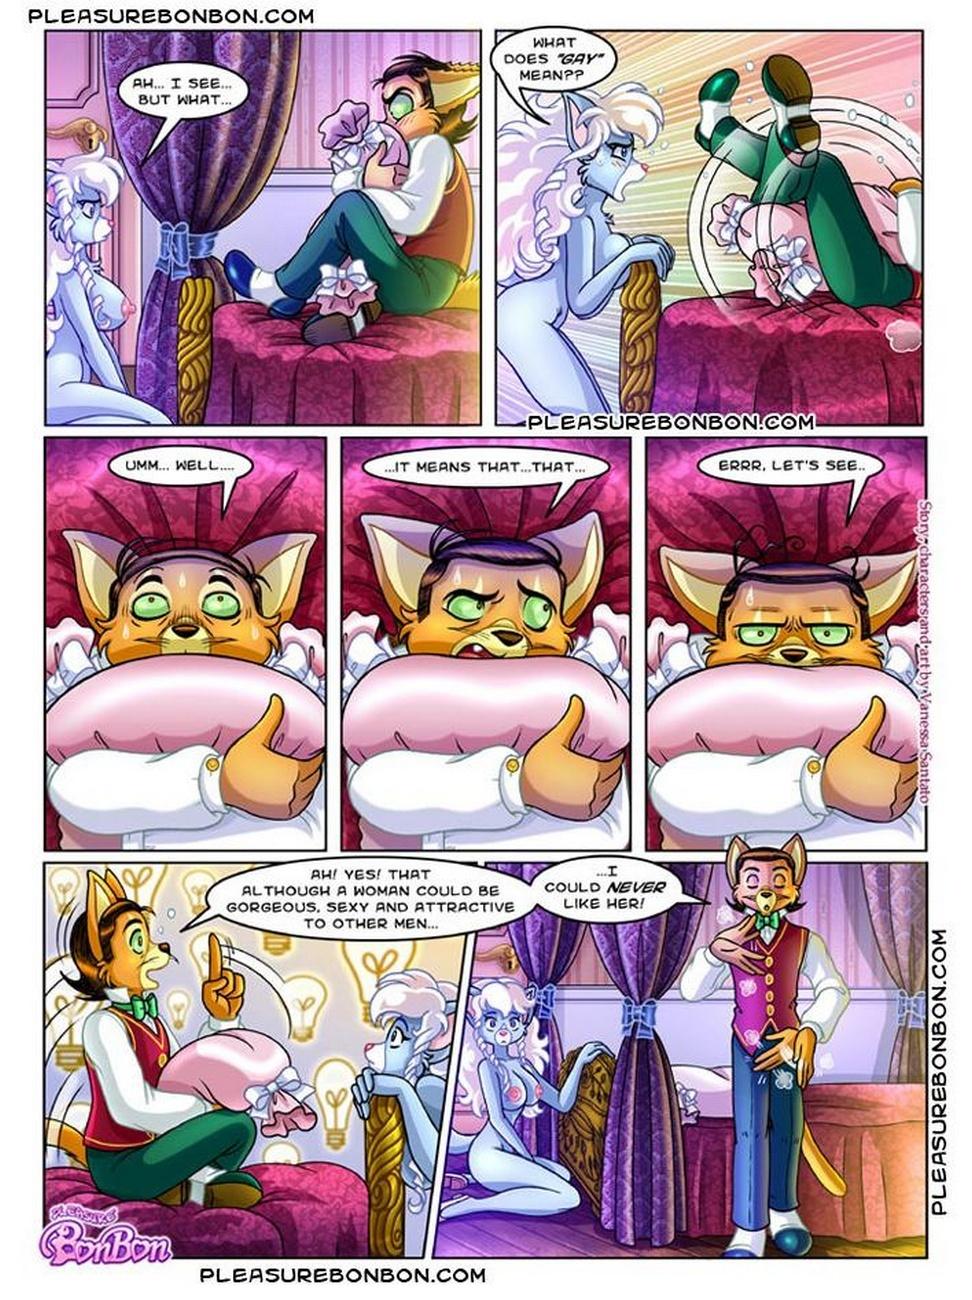 Pleasure Bon Bon 7 - The Long Night 14 free sex comic